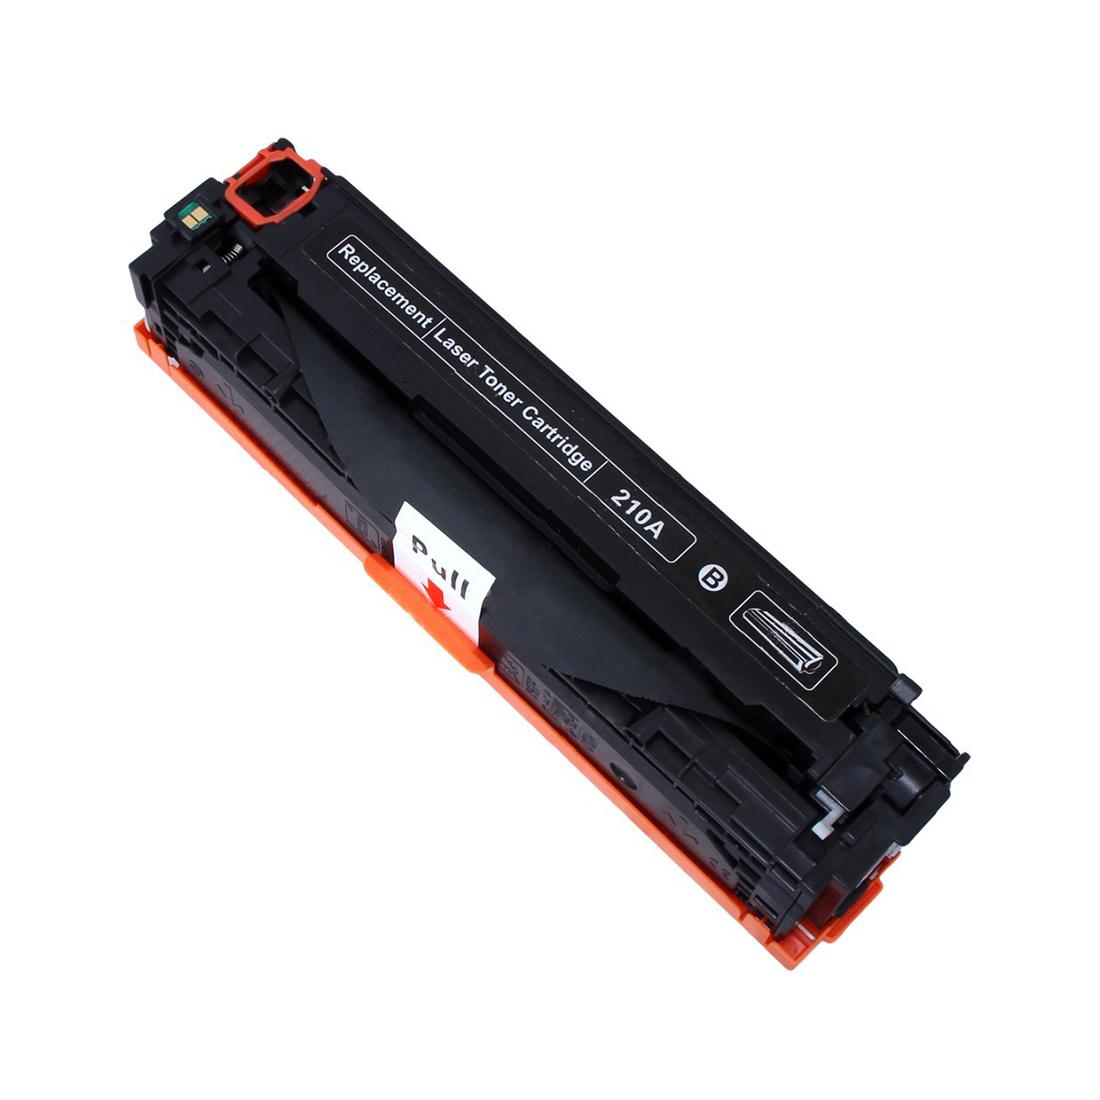 HP LASERJET 210 320 540  M251